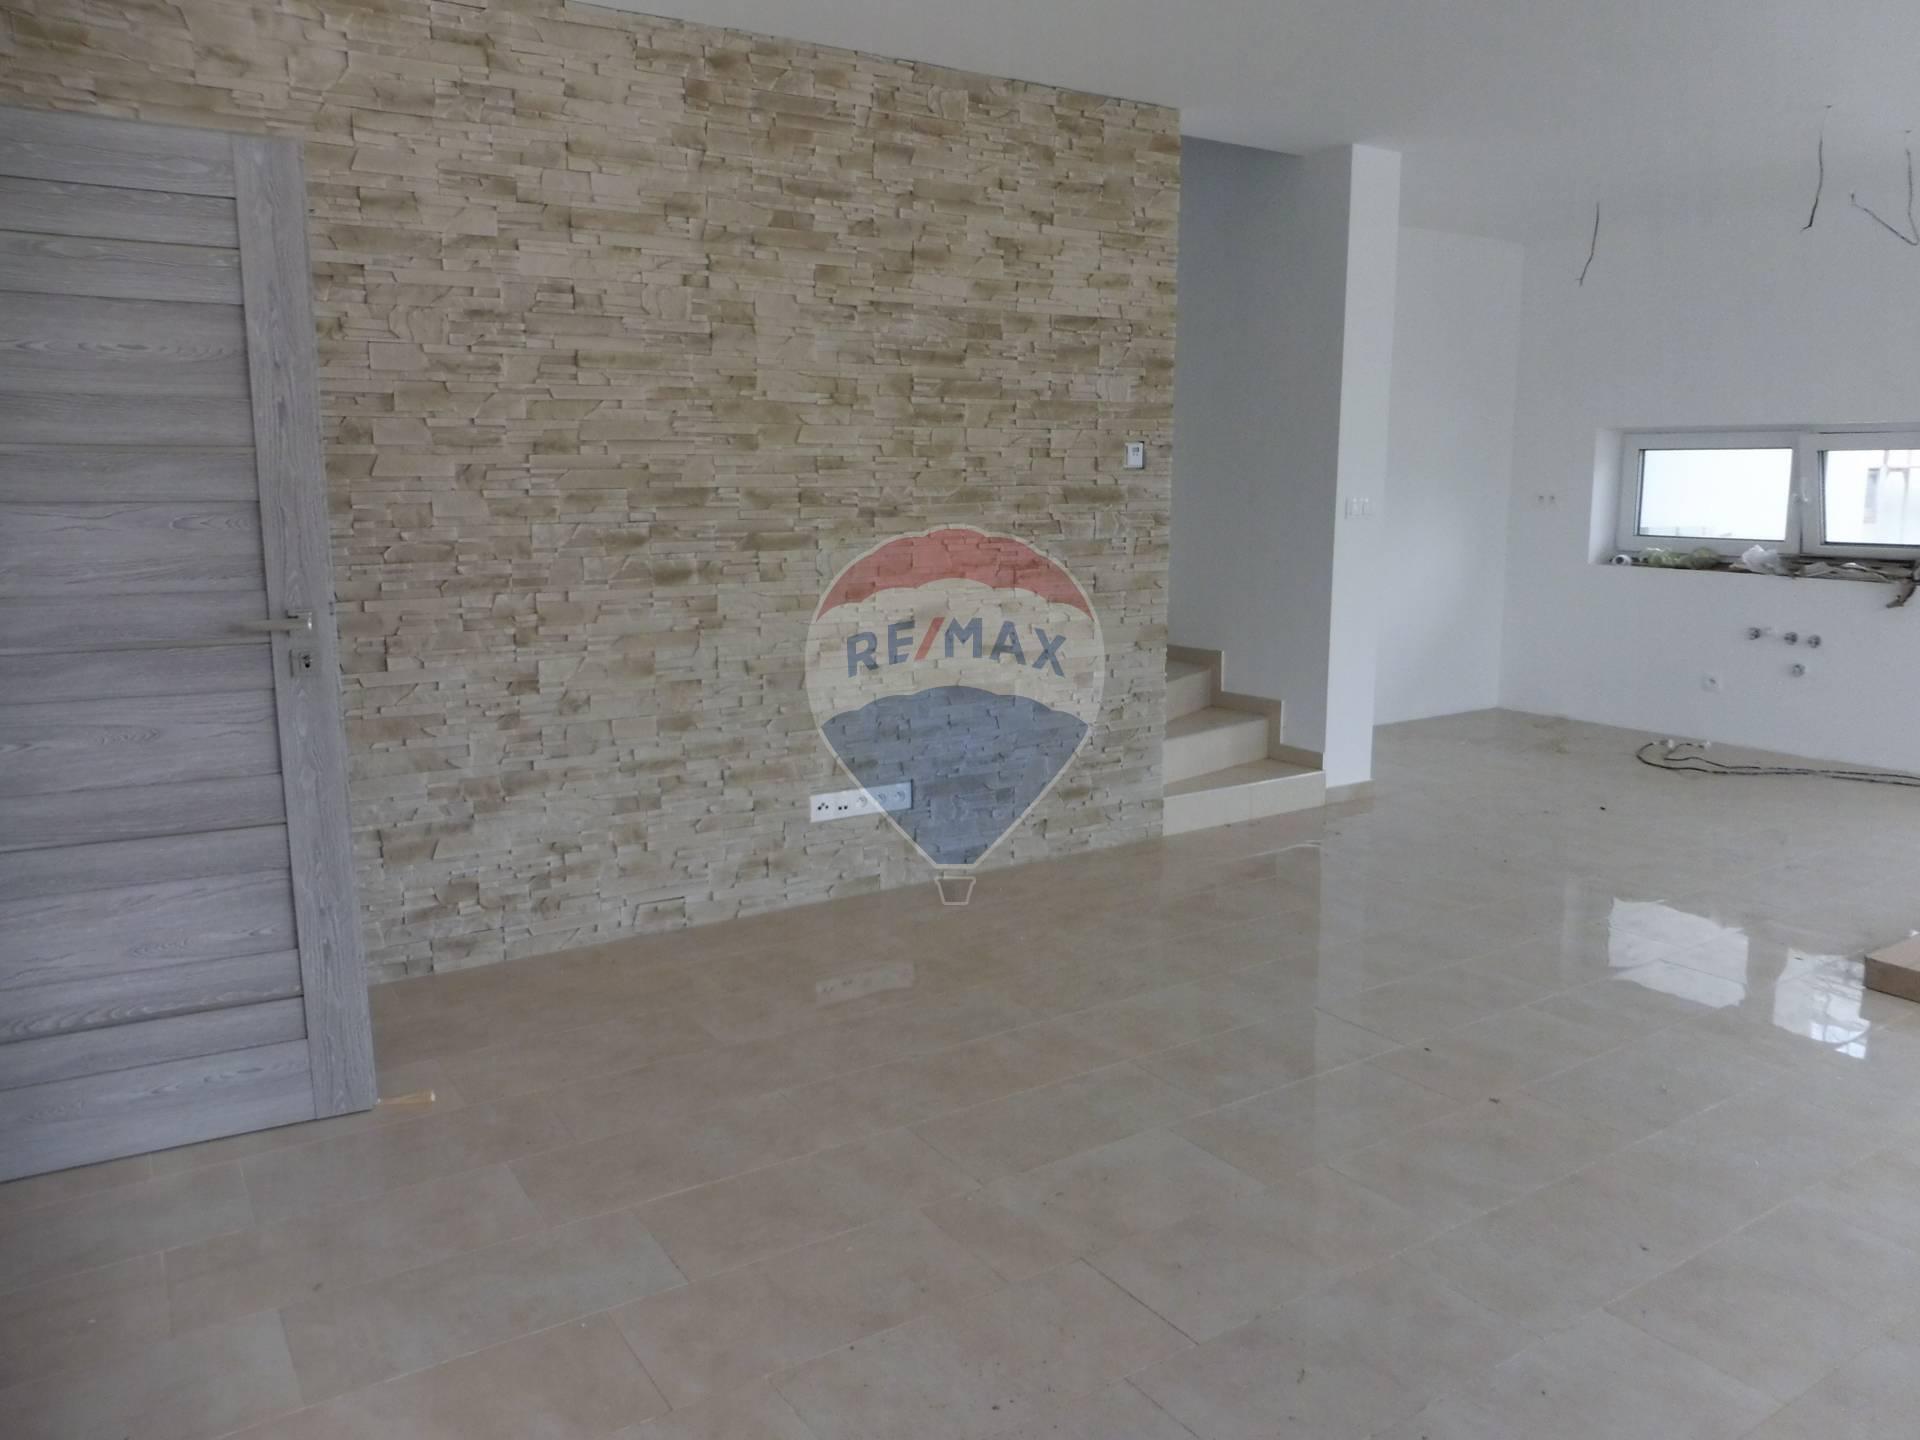 Predaj: 4-izbový byt v rodinnom dome, komplet s kuchyňou